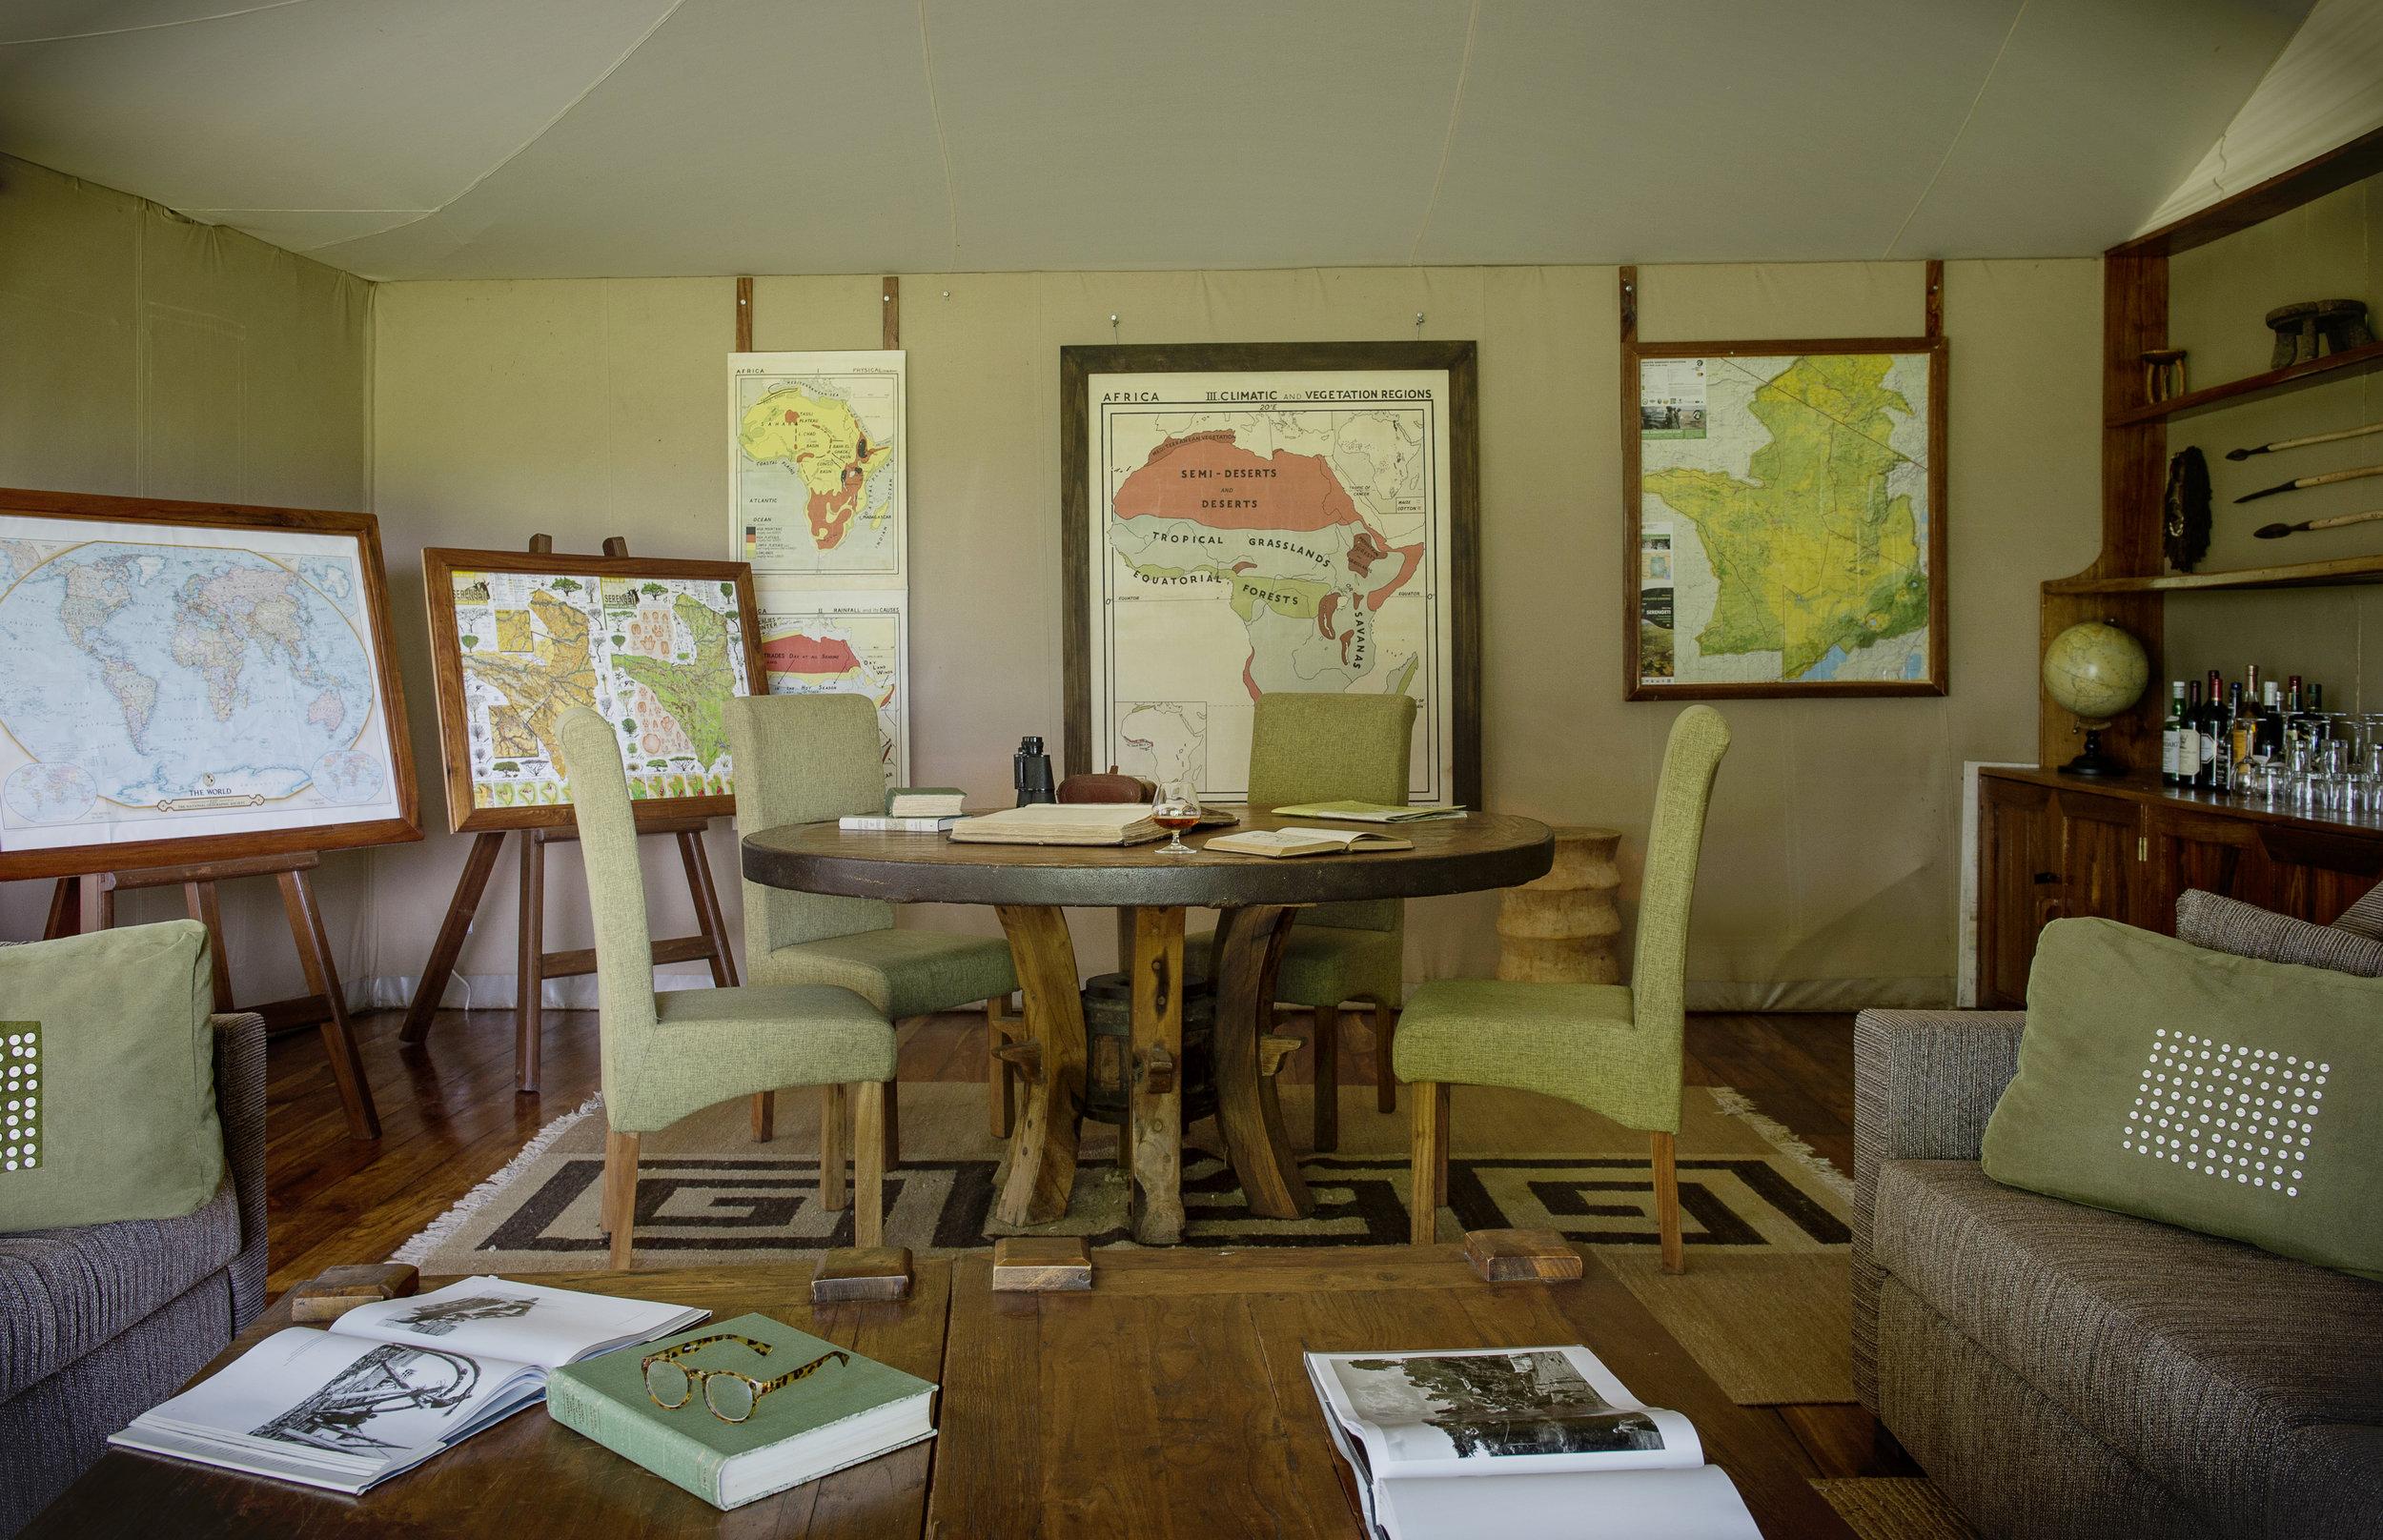 Sayari-Camp-Map-room-interior-2-Eliza-Deacon-MR.jpg